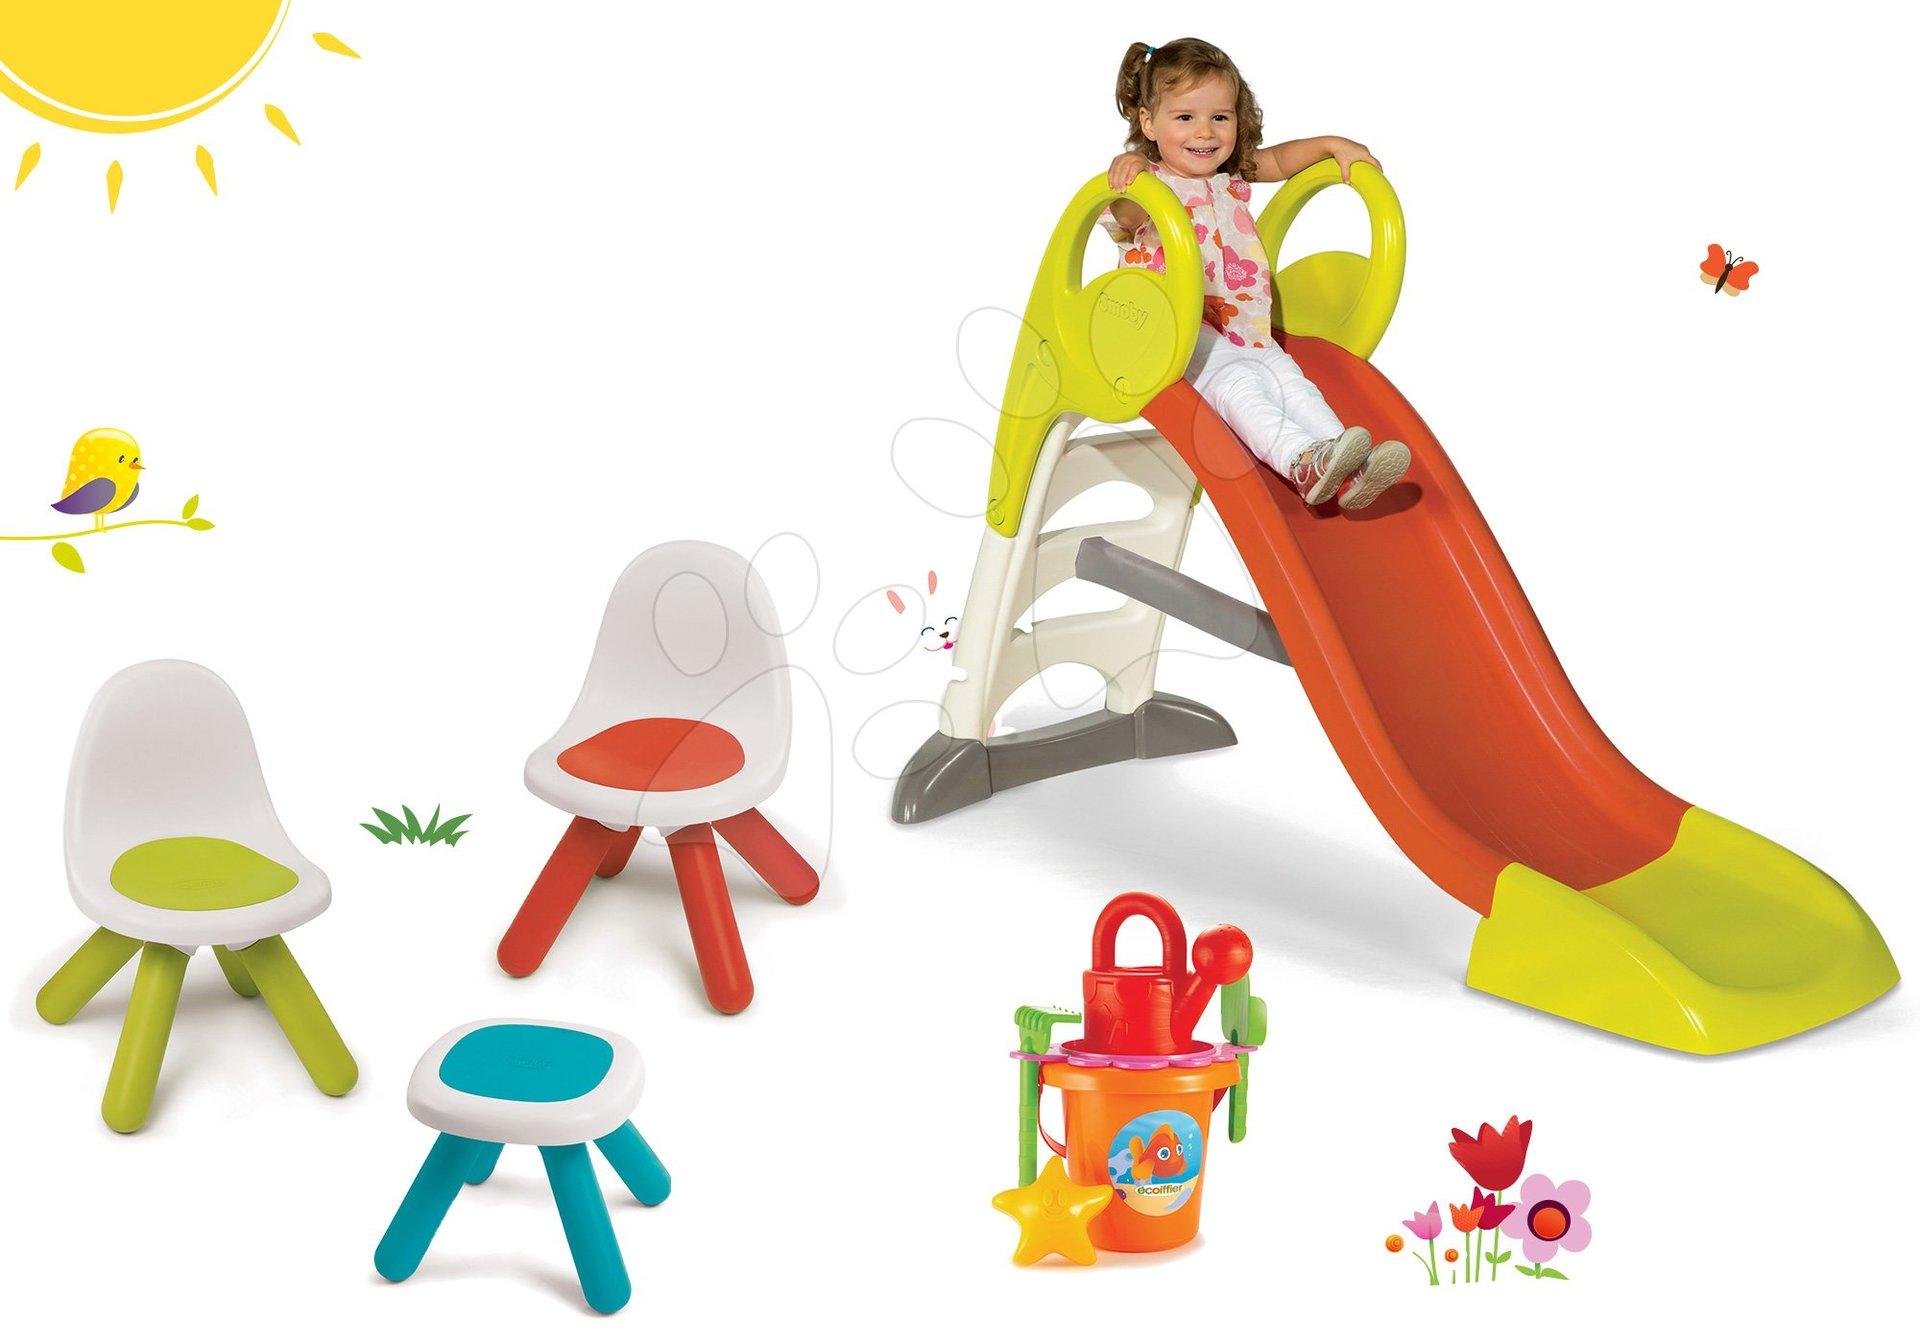 Smoby stredná šmýkačka Toboggan KS a stolík pre deti Piknik s dvoma stoličkami KidChair a vedro setom 310262-5